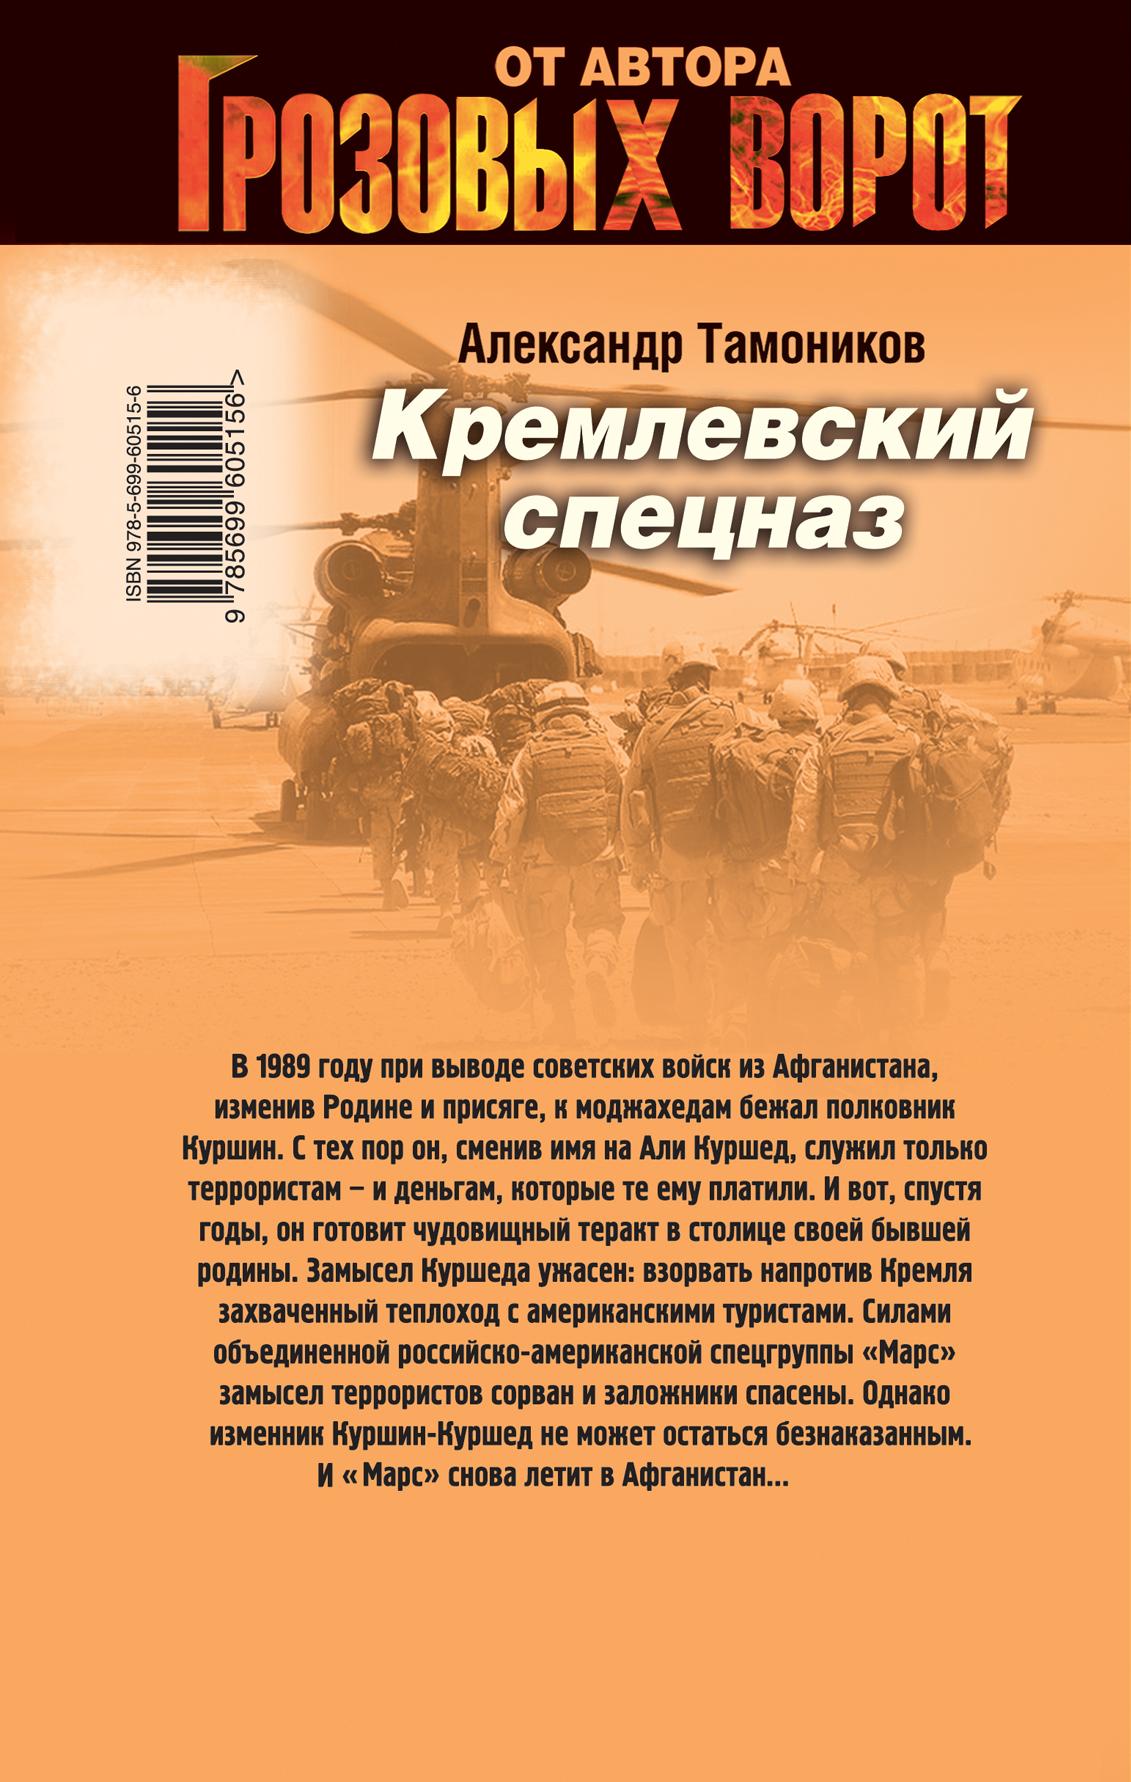 Скачать Кремлевский спецназ быстро